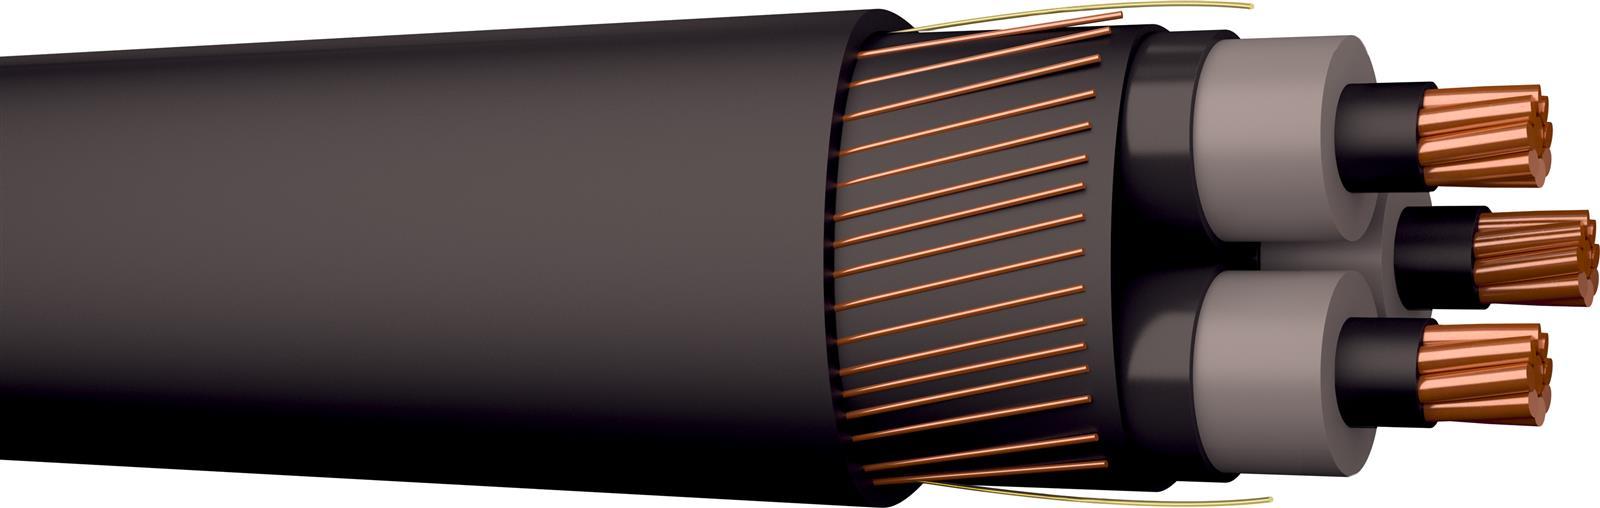 FXLJ-RMF-KOMBI 3X10/10 LT 12KV